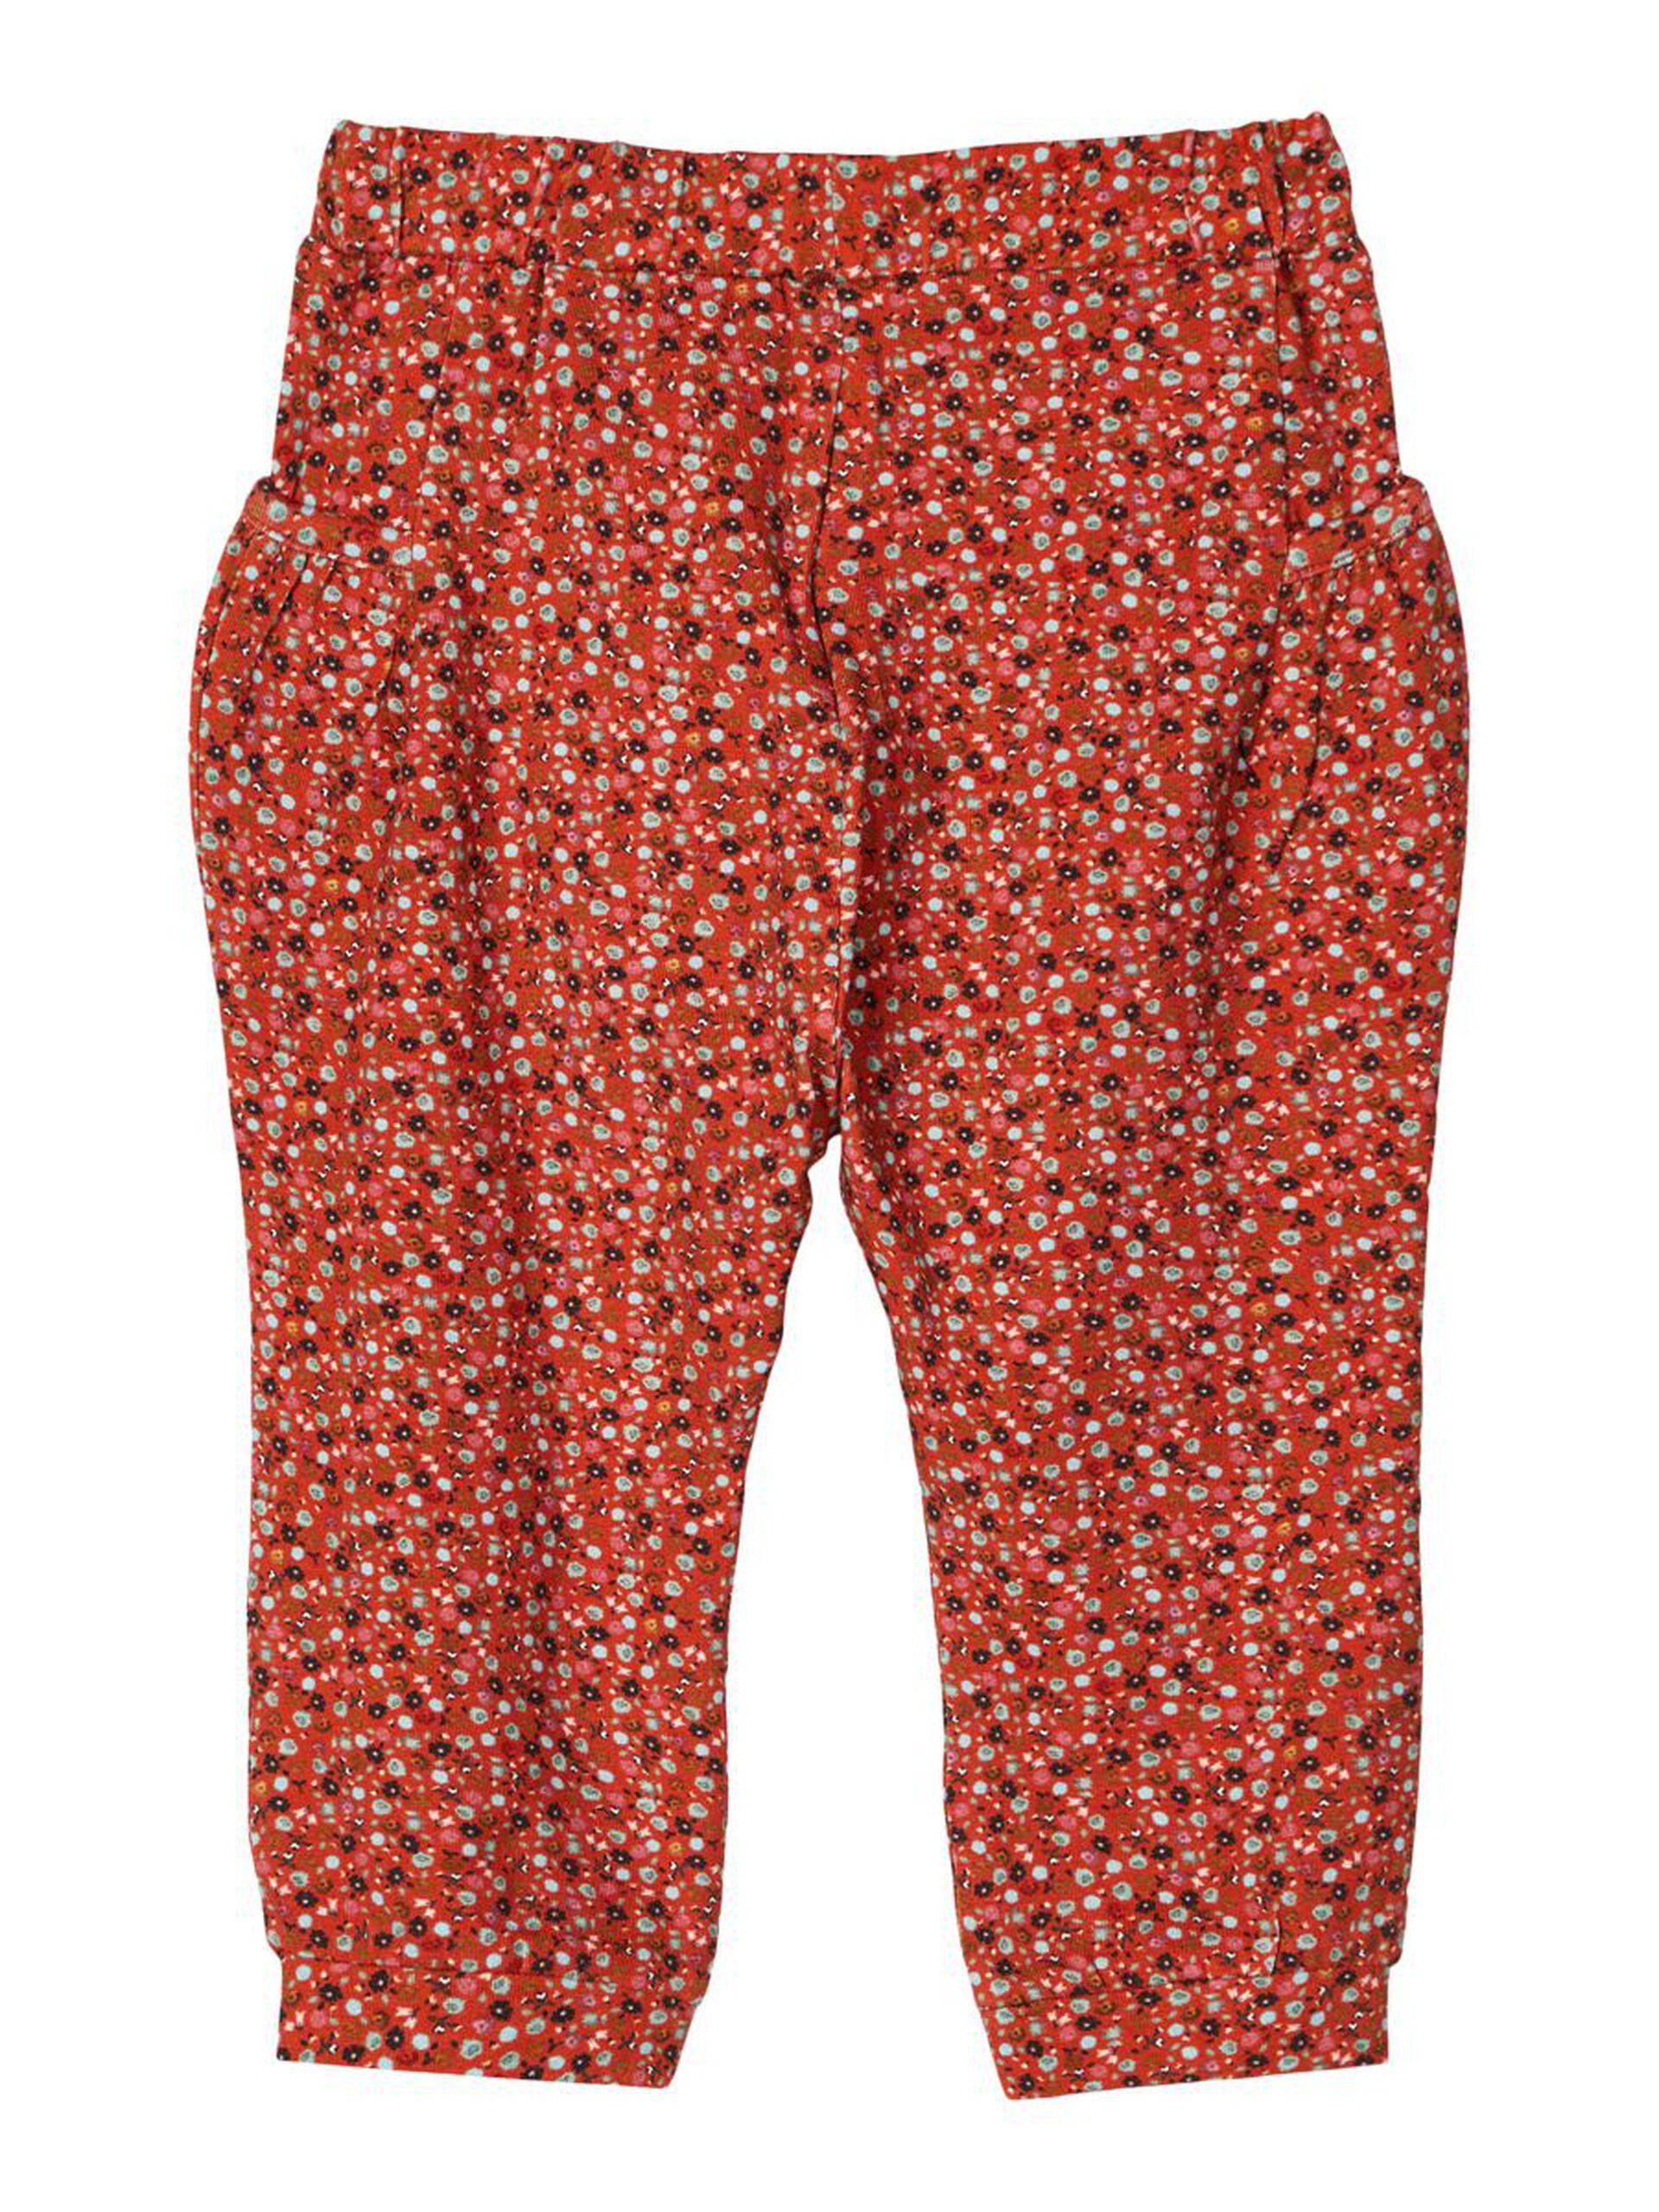 Brun bukse baby jente – Name It brun bukse med blomster Otilia – Mio Trend